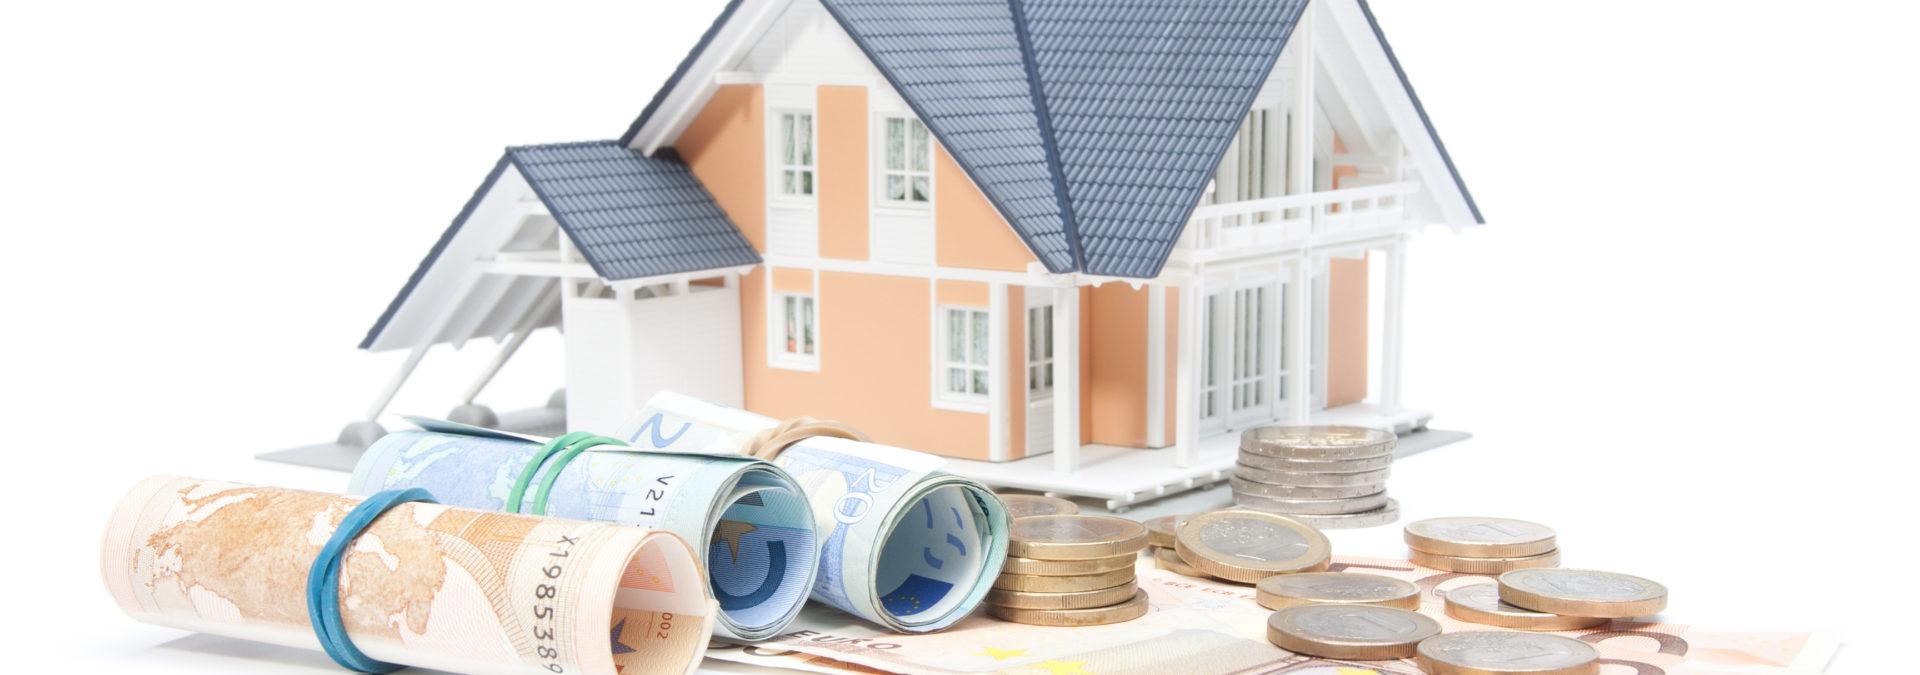 Coronavirus, superbonus del 110% per l'edilizia, come ristrutturare casa a costo zero!